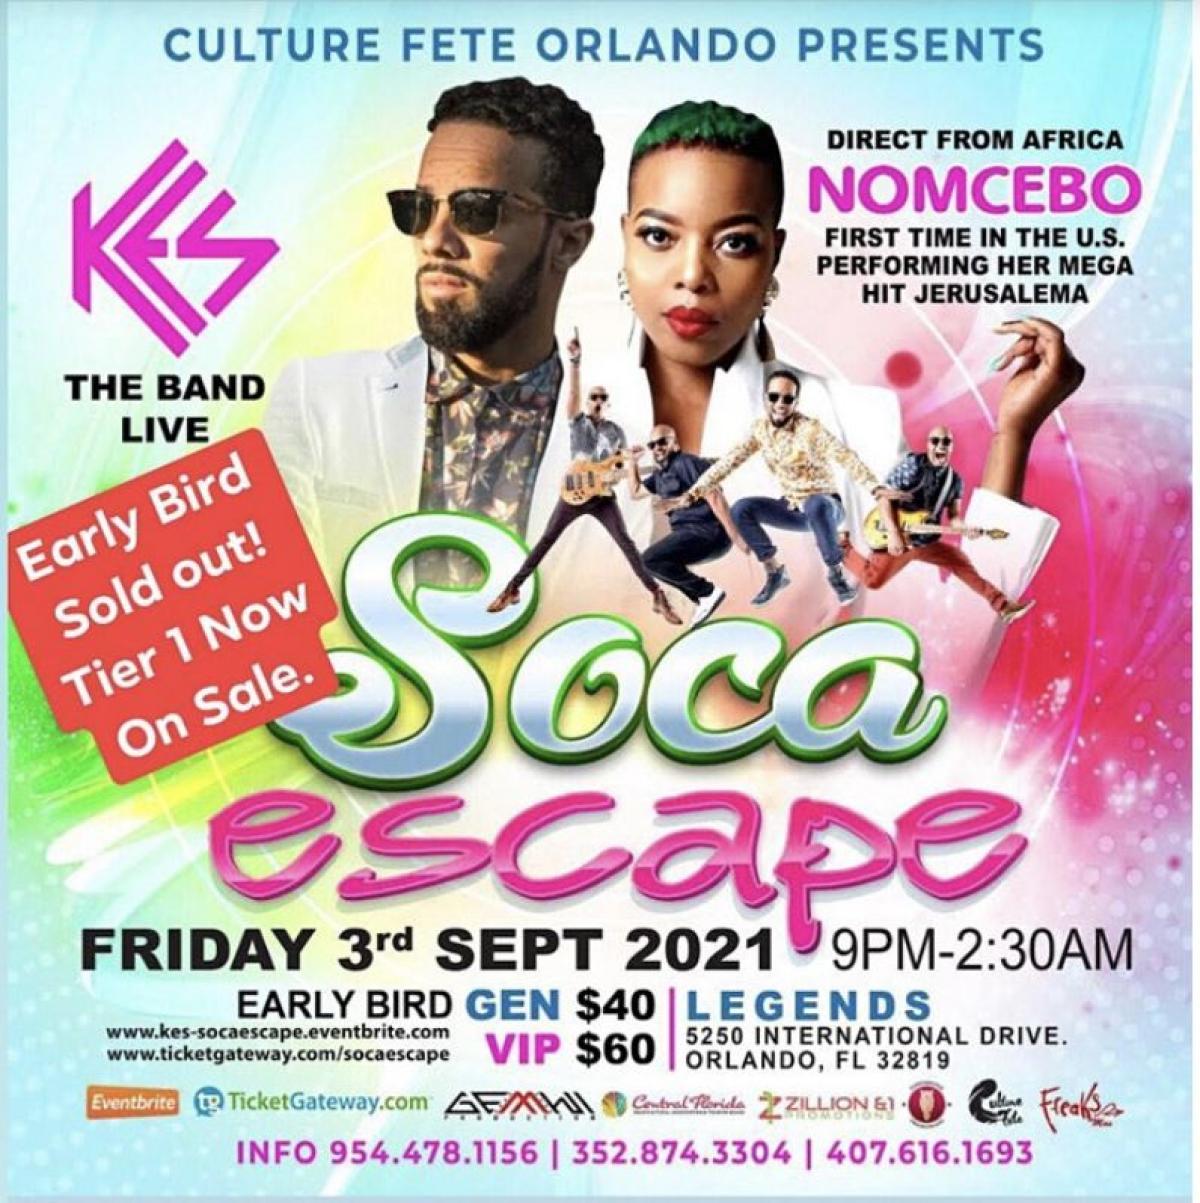 Soca Escape Orlando flyer or graphic.